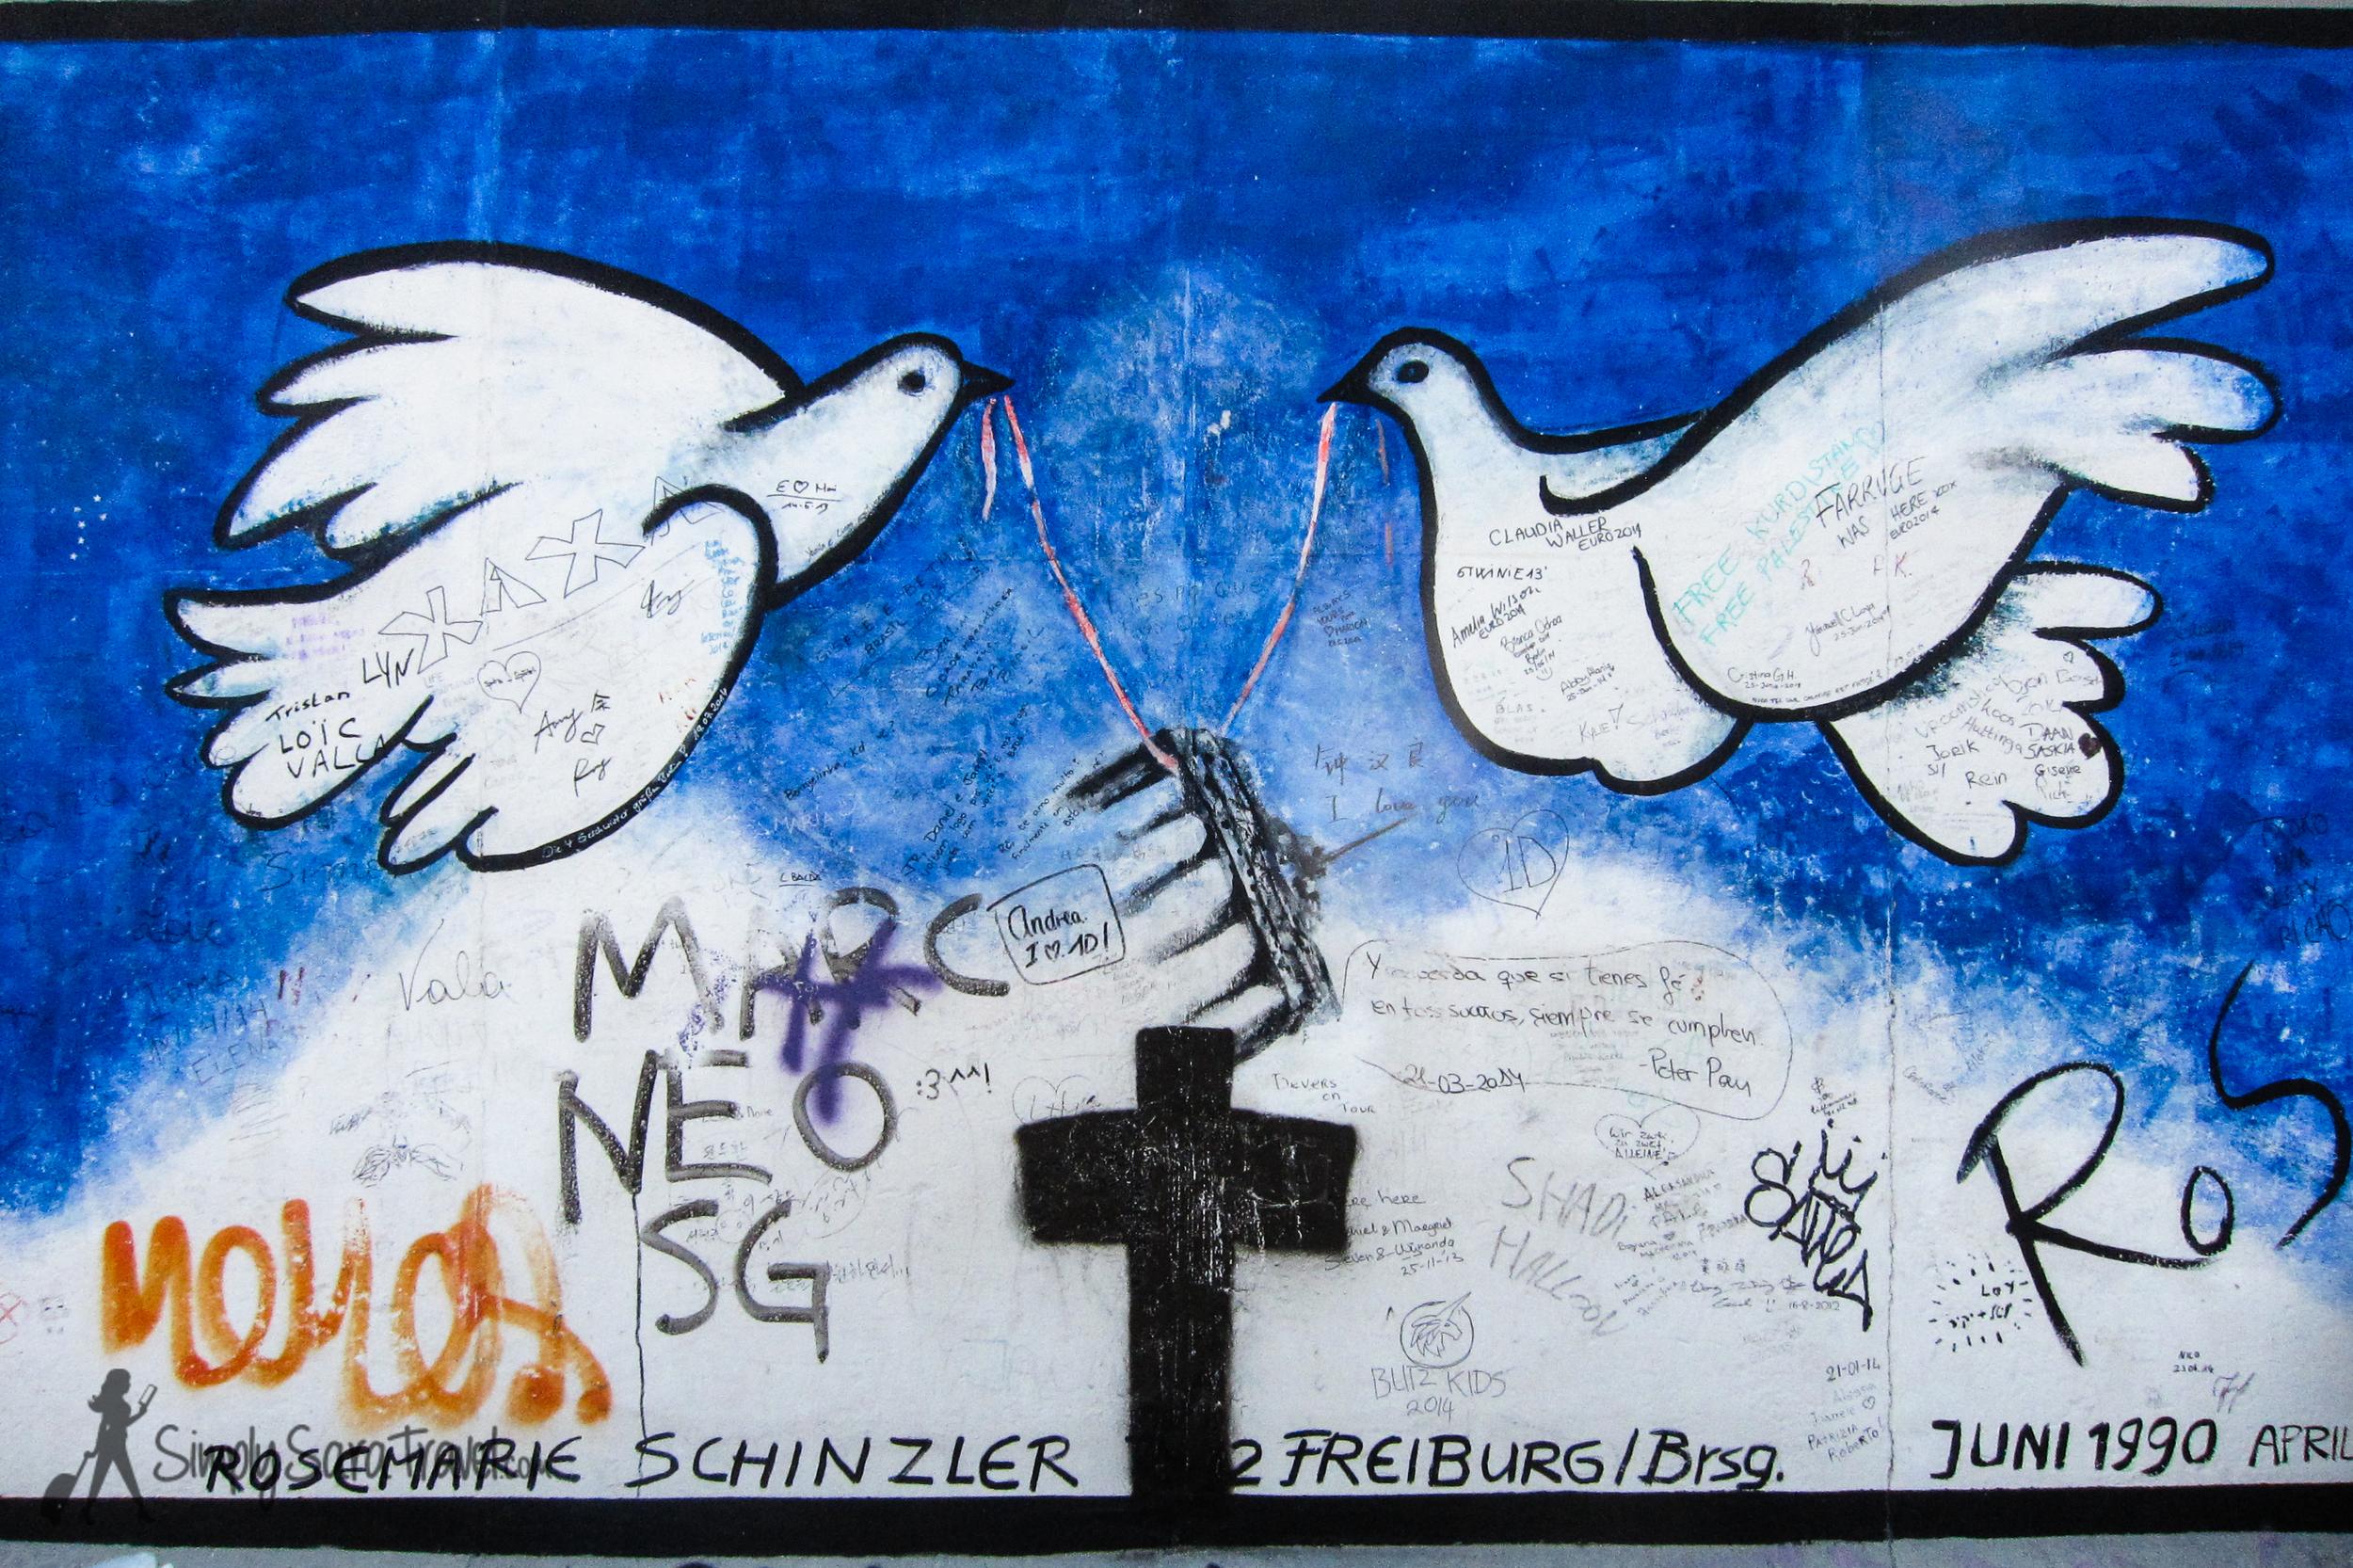 Cross on East Side Gallery Berlin Wall